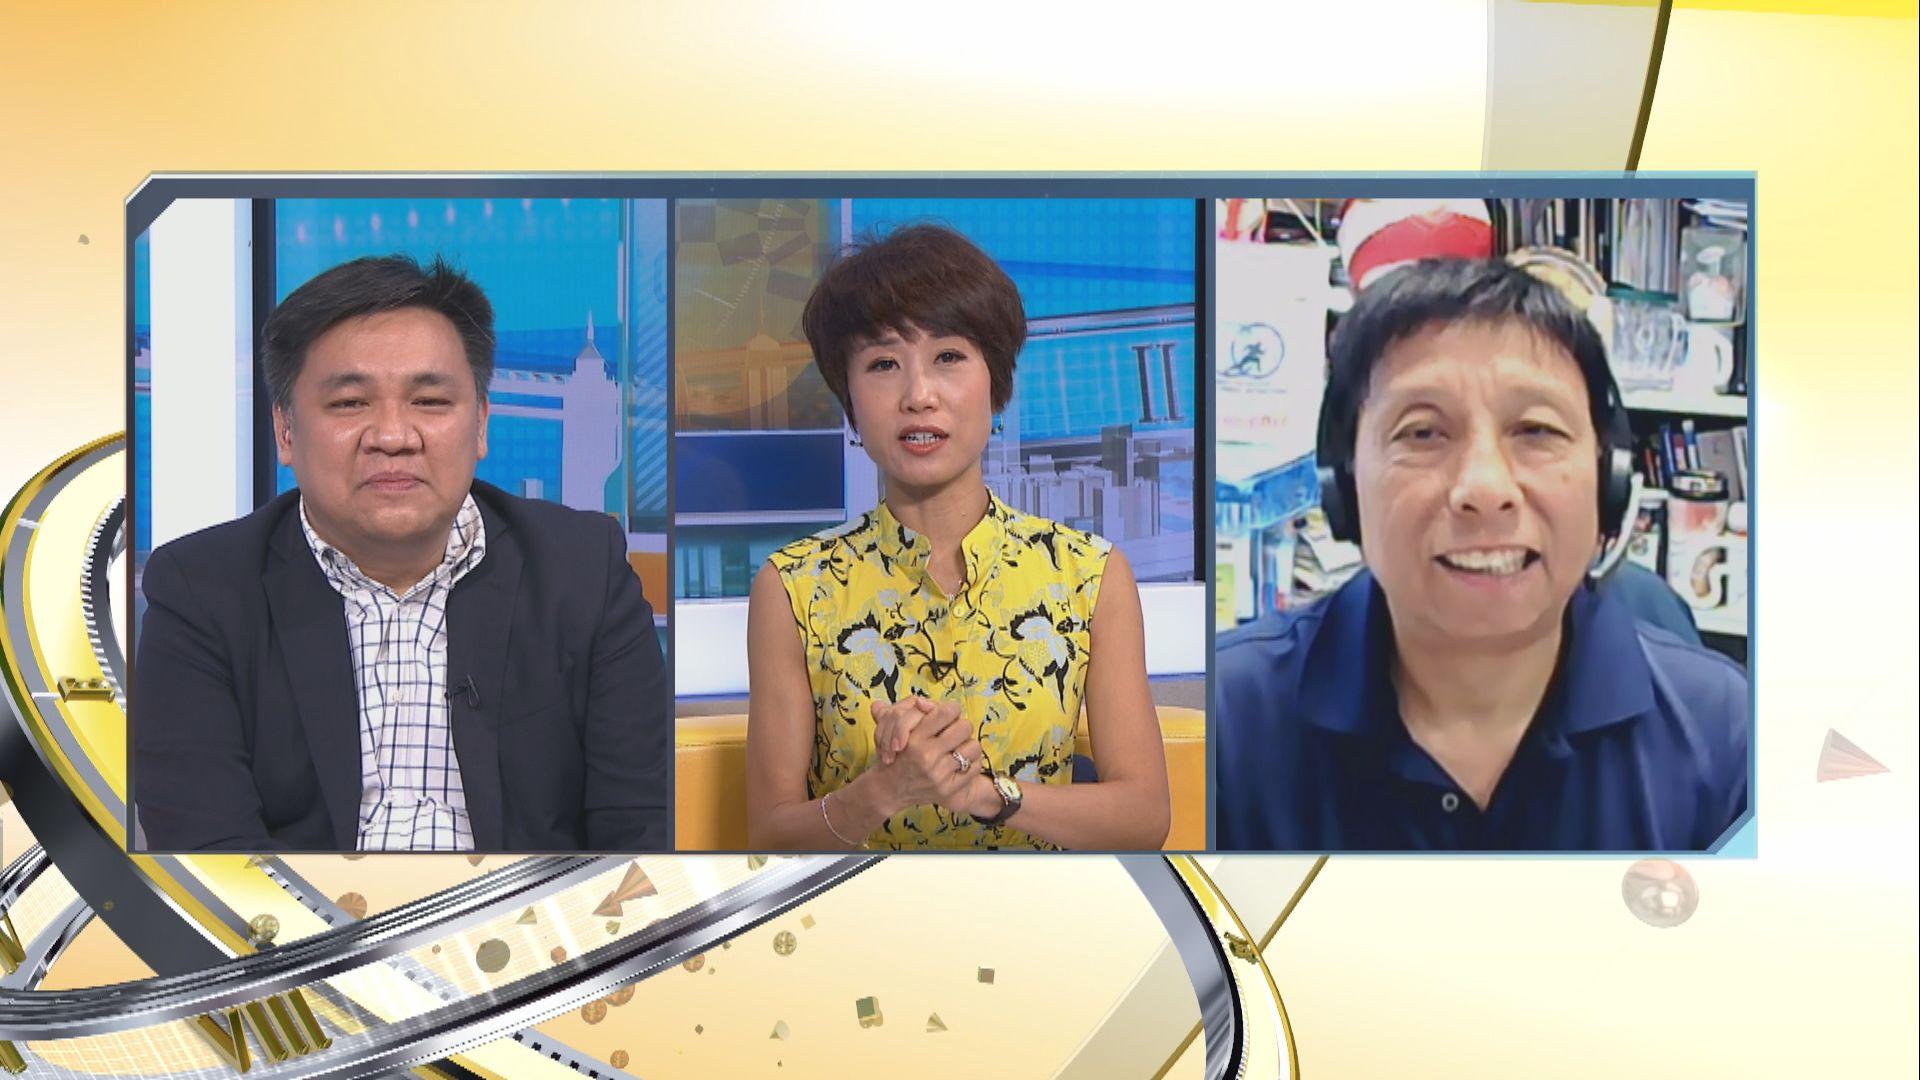 【時事全方位】港隊在東京奧運會能否取得佳績?(二)